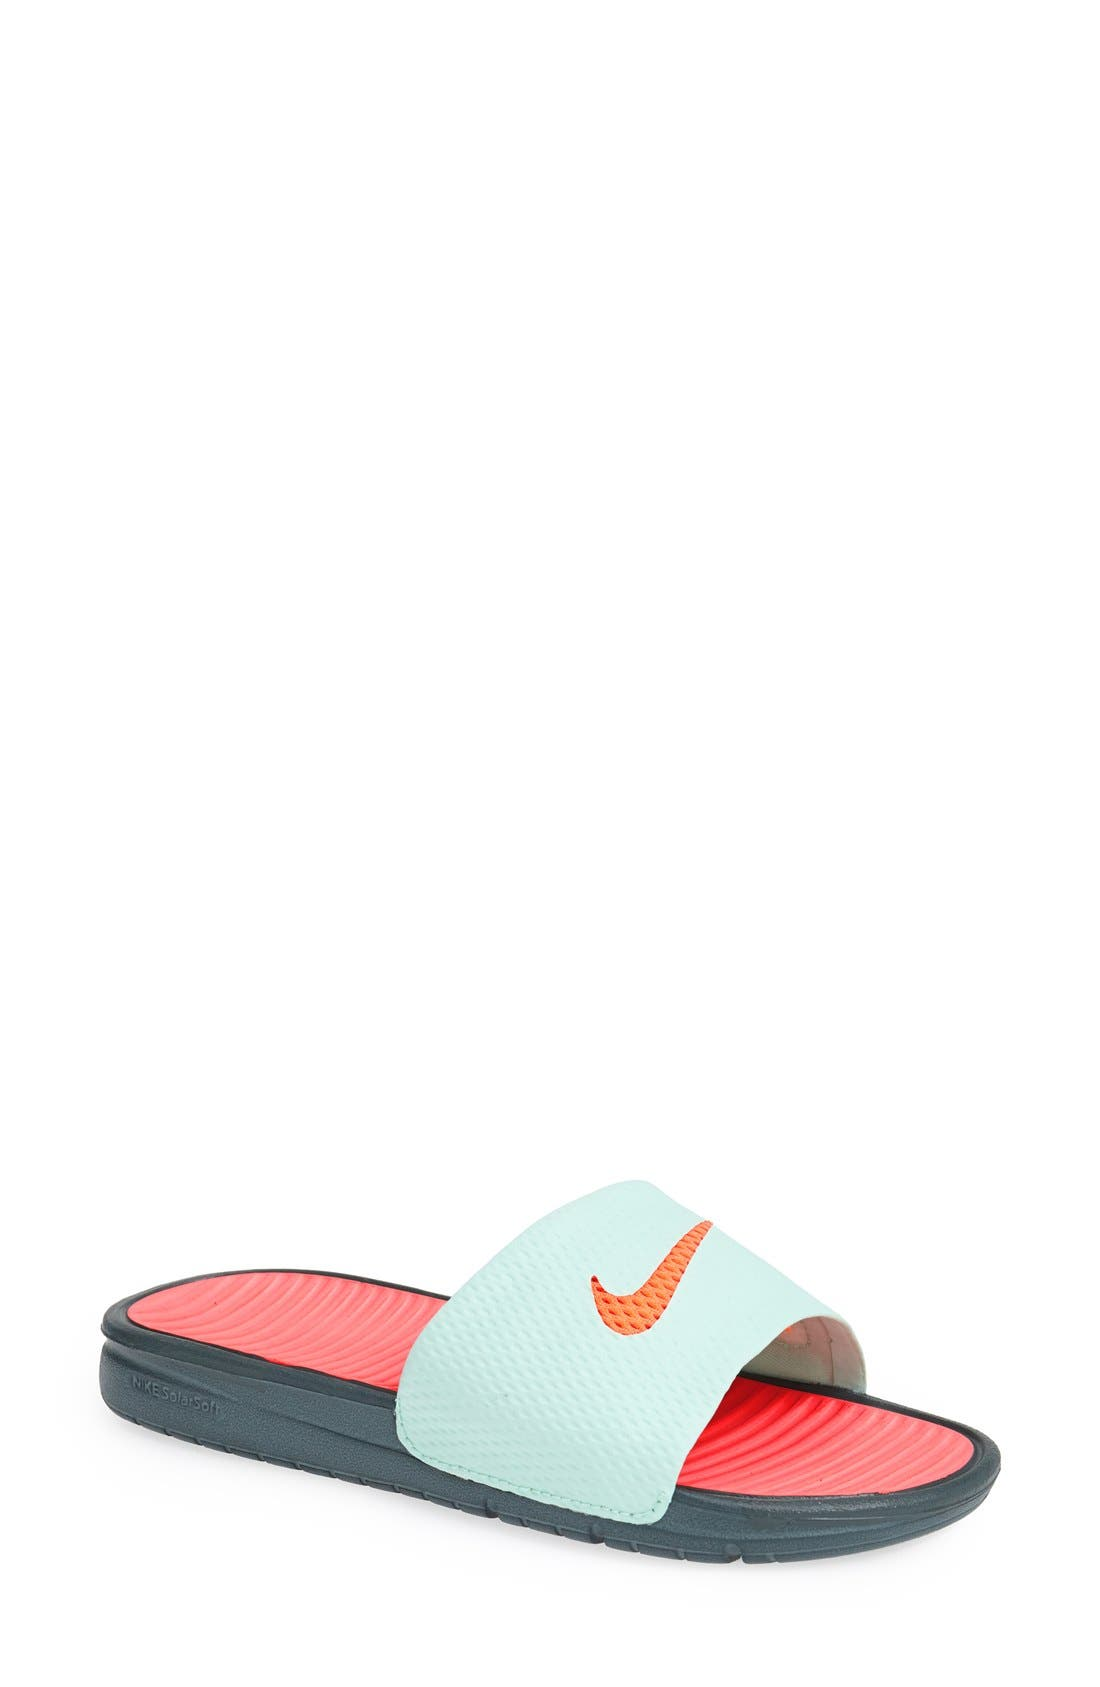 Main Image - Nike 'Benassi - Solarsoft' Slide Sandal (Women)